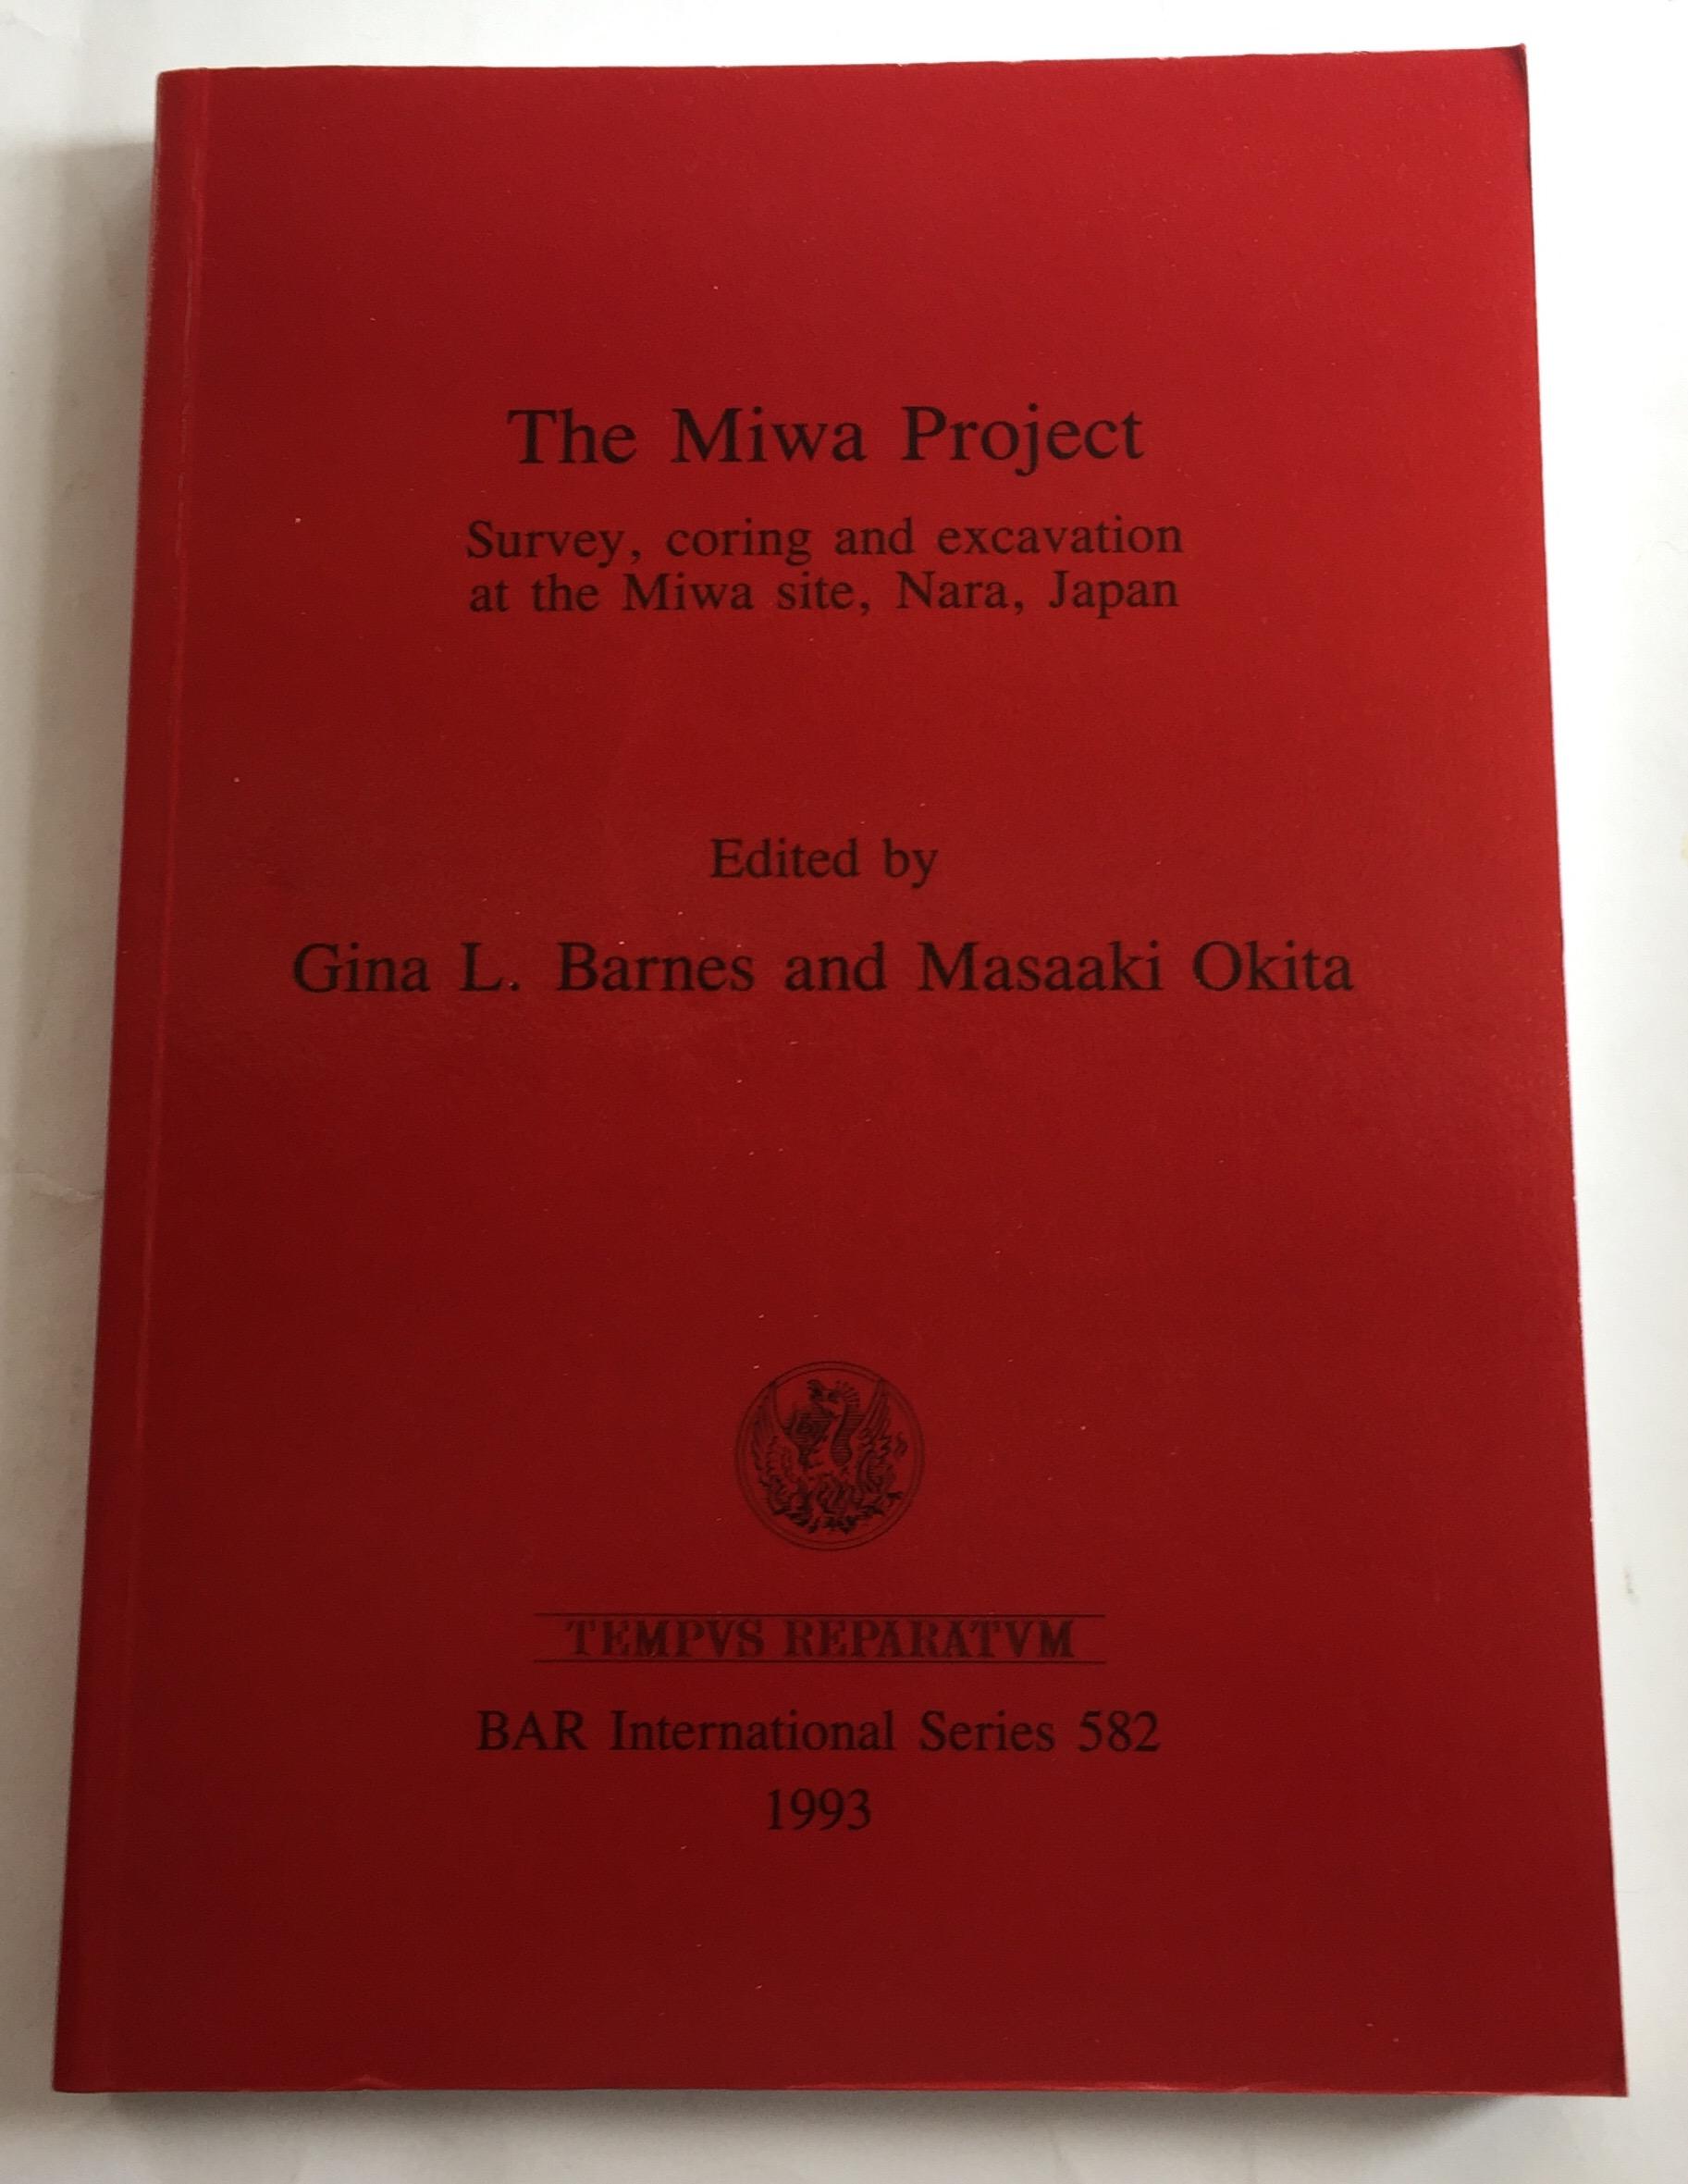 The Miwa Project :Servey, coring and excavation at the Miwa site, nara, Japan (BAR International Series 582), Barnes, Gina L  ;Okita, Masaaki